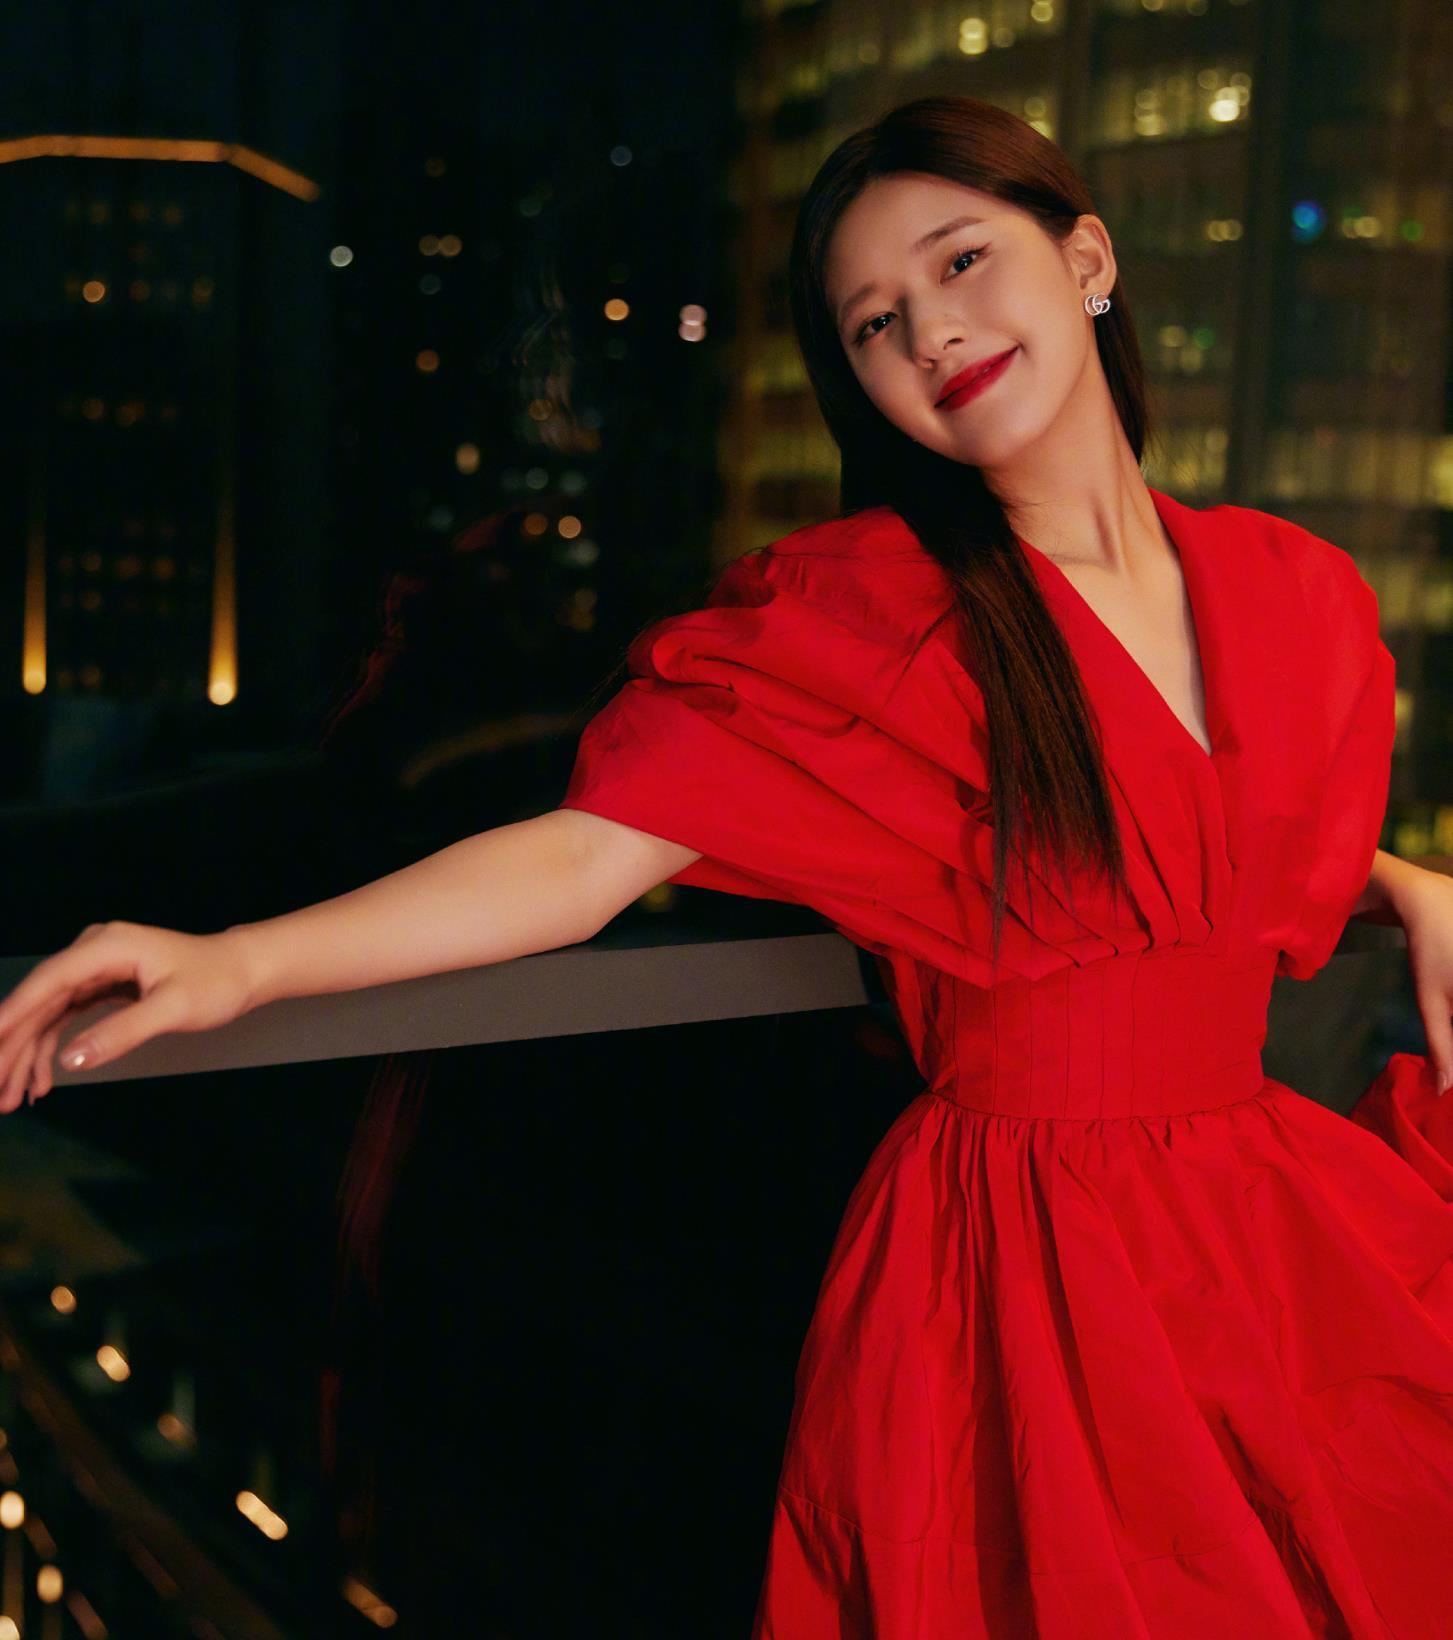 赵露思一改往日清新风格,身穿正红色连衣裙